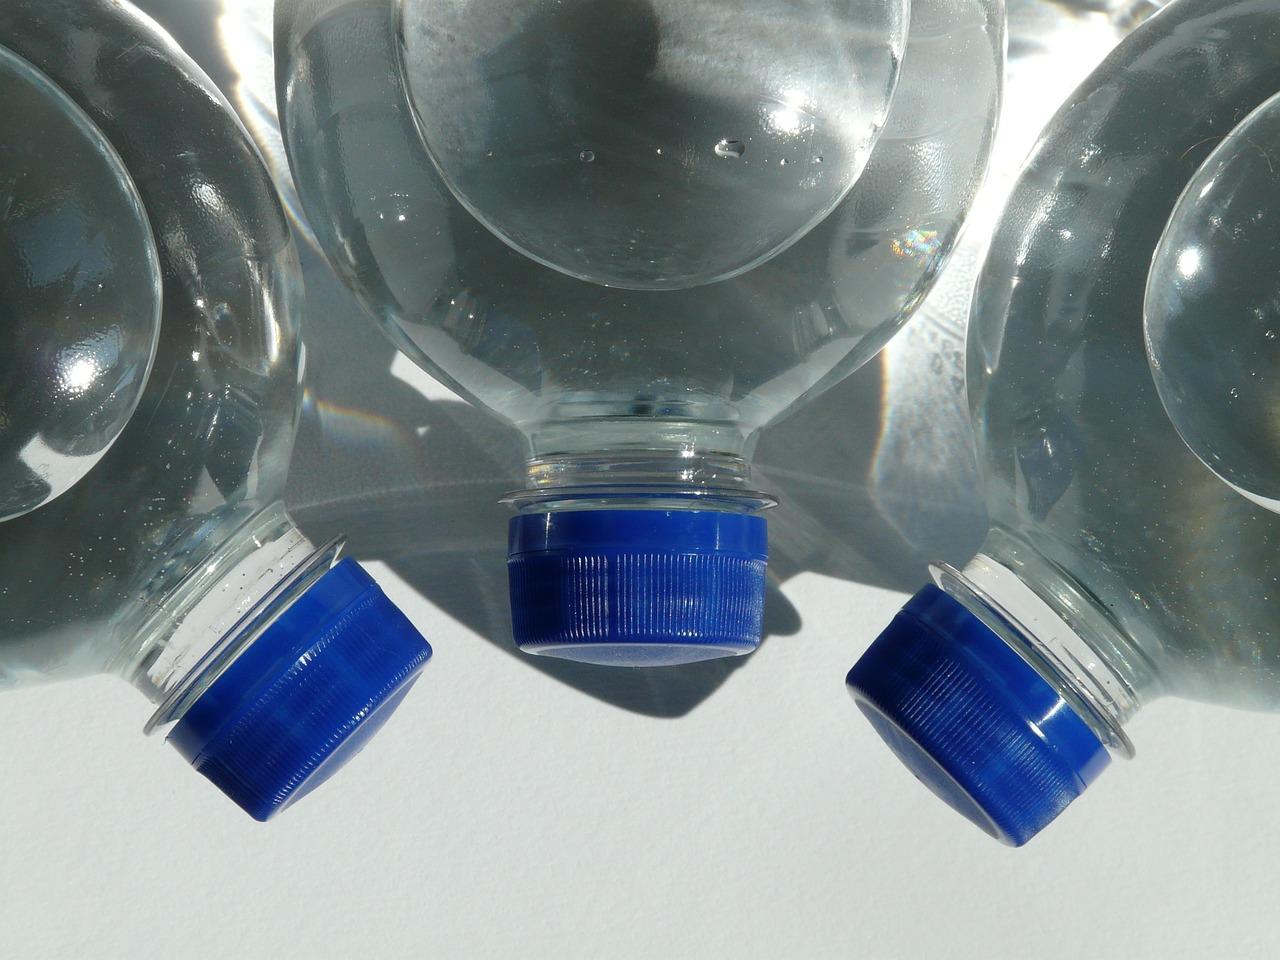 Potensi Usaha Penjualan Air Minum Kemasan